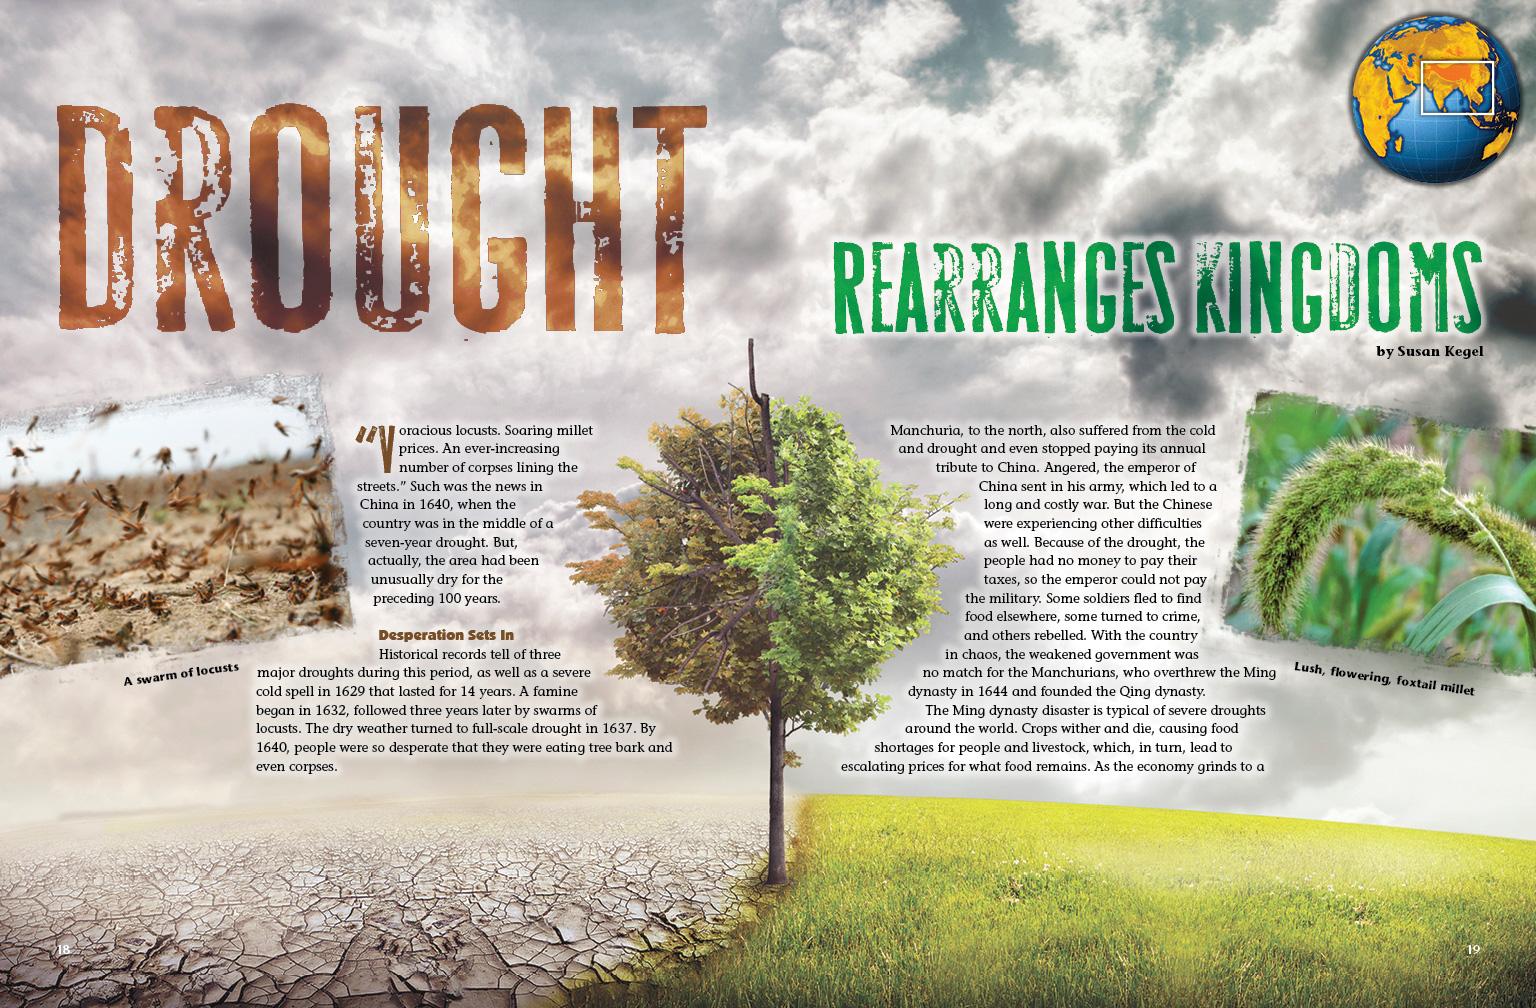 Drought Rearranges Kingdoms